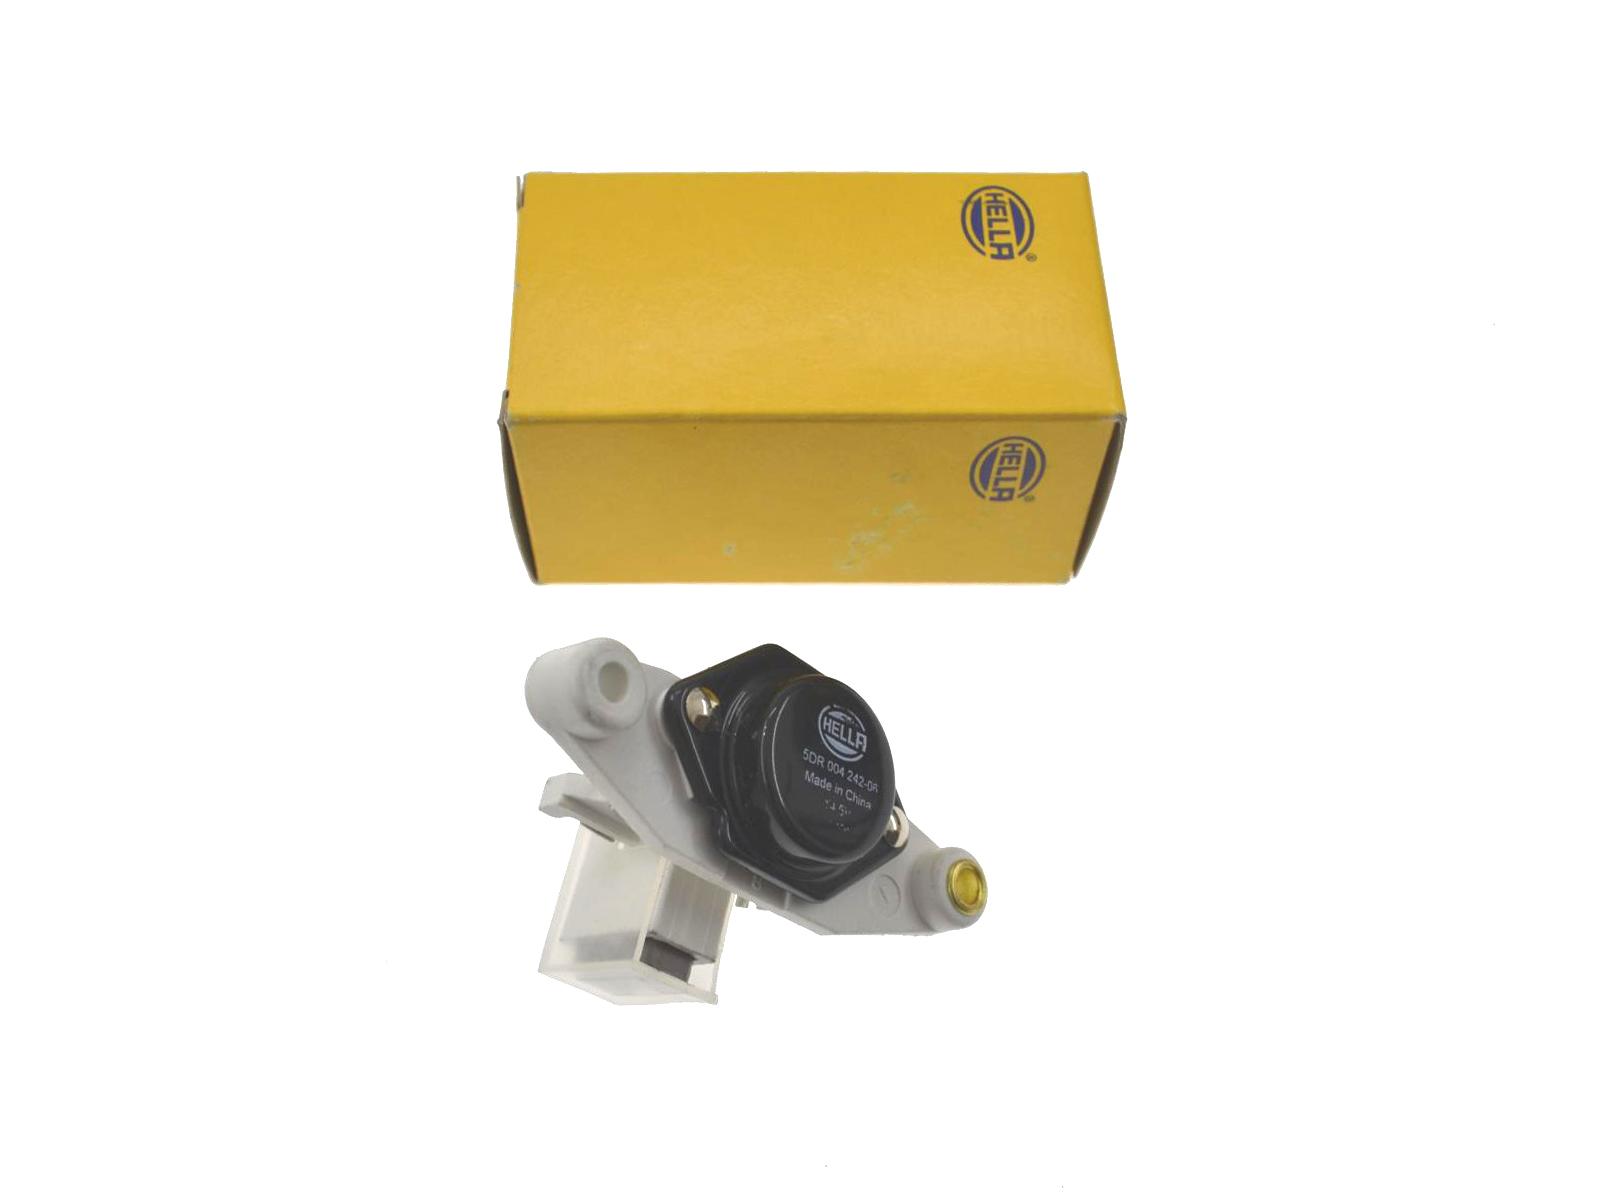 Hella Generatorregler für Porsche 924/944/928/964/993 Lichtmaschine